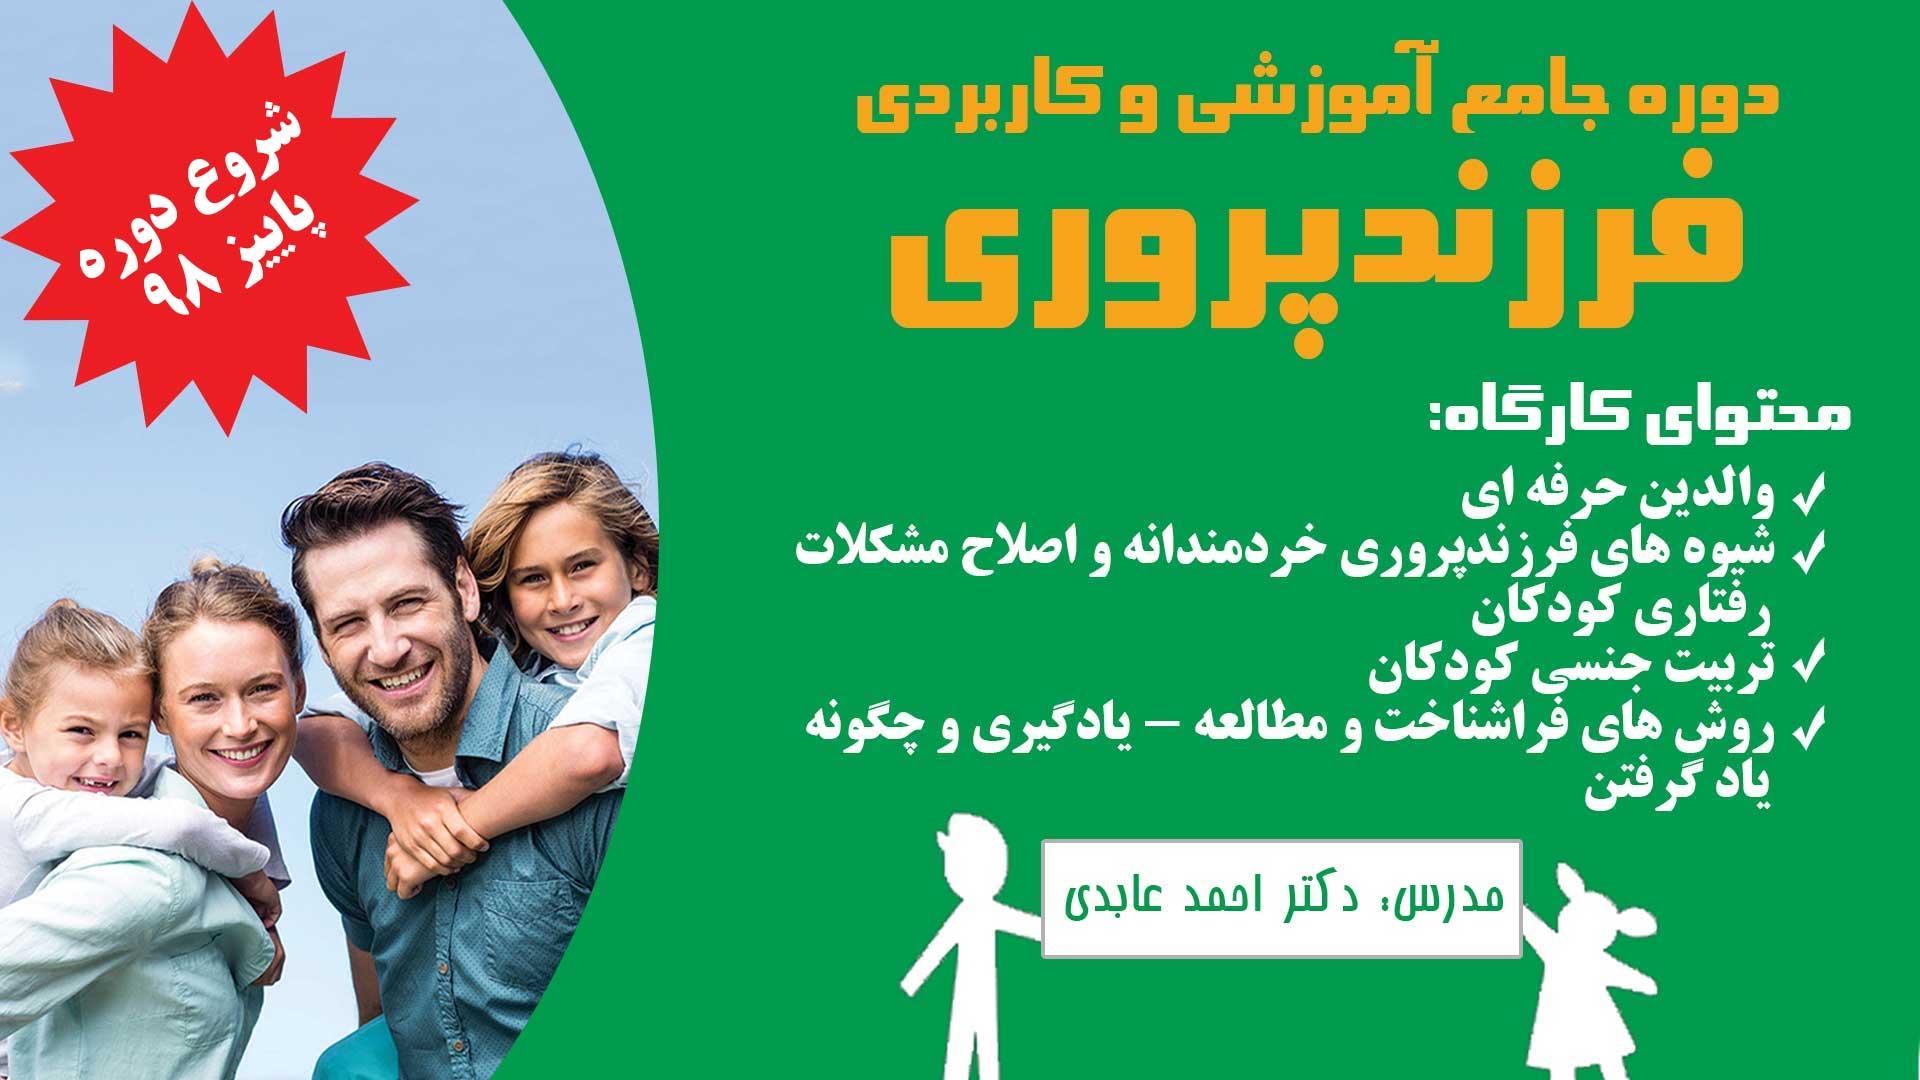 دوره جامع آموزشی و کاربردی فرزندپروری- دکتر احمد عابدی - دپارتمان روانشناسی کودک